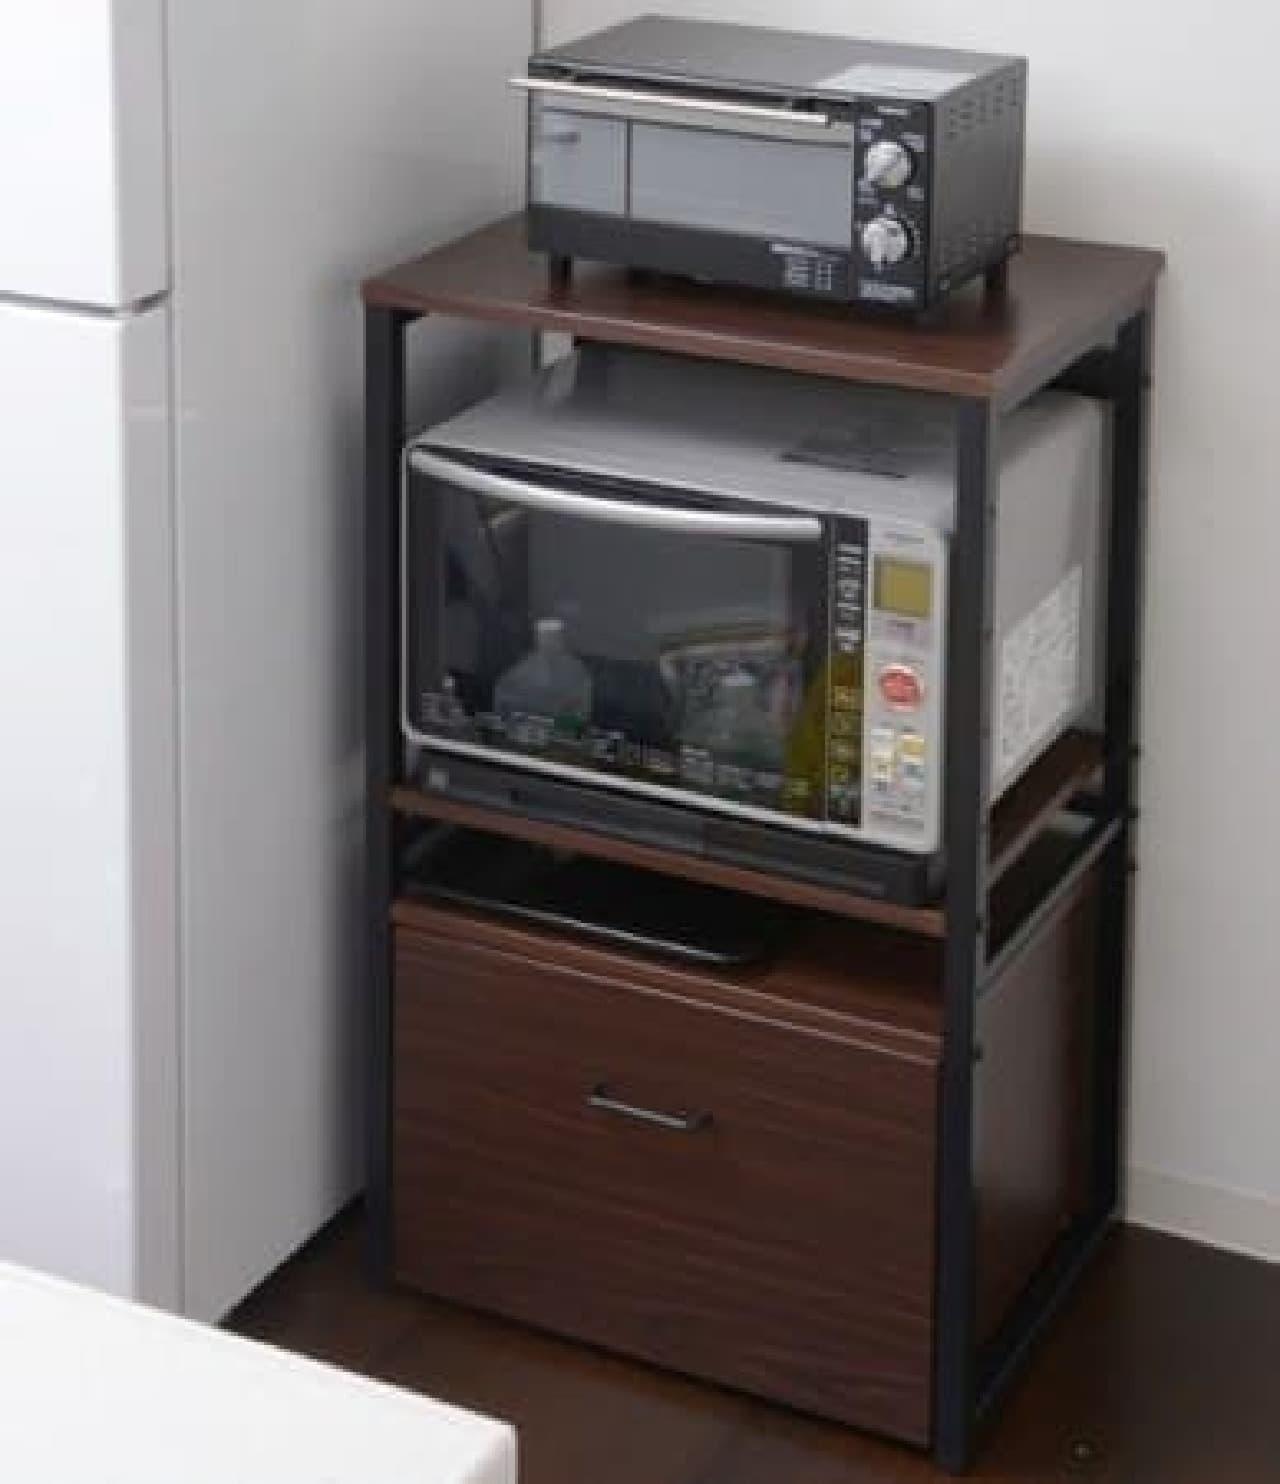 電子レンジ、トースター、ホットプレートなどをスッキリ収納